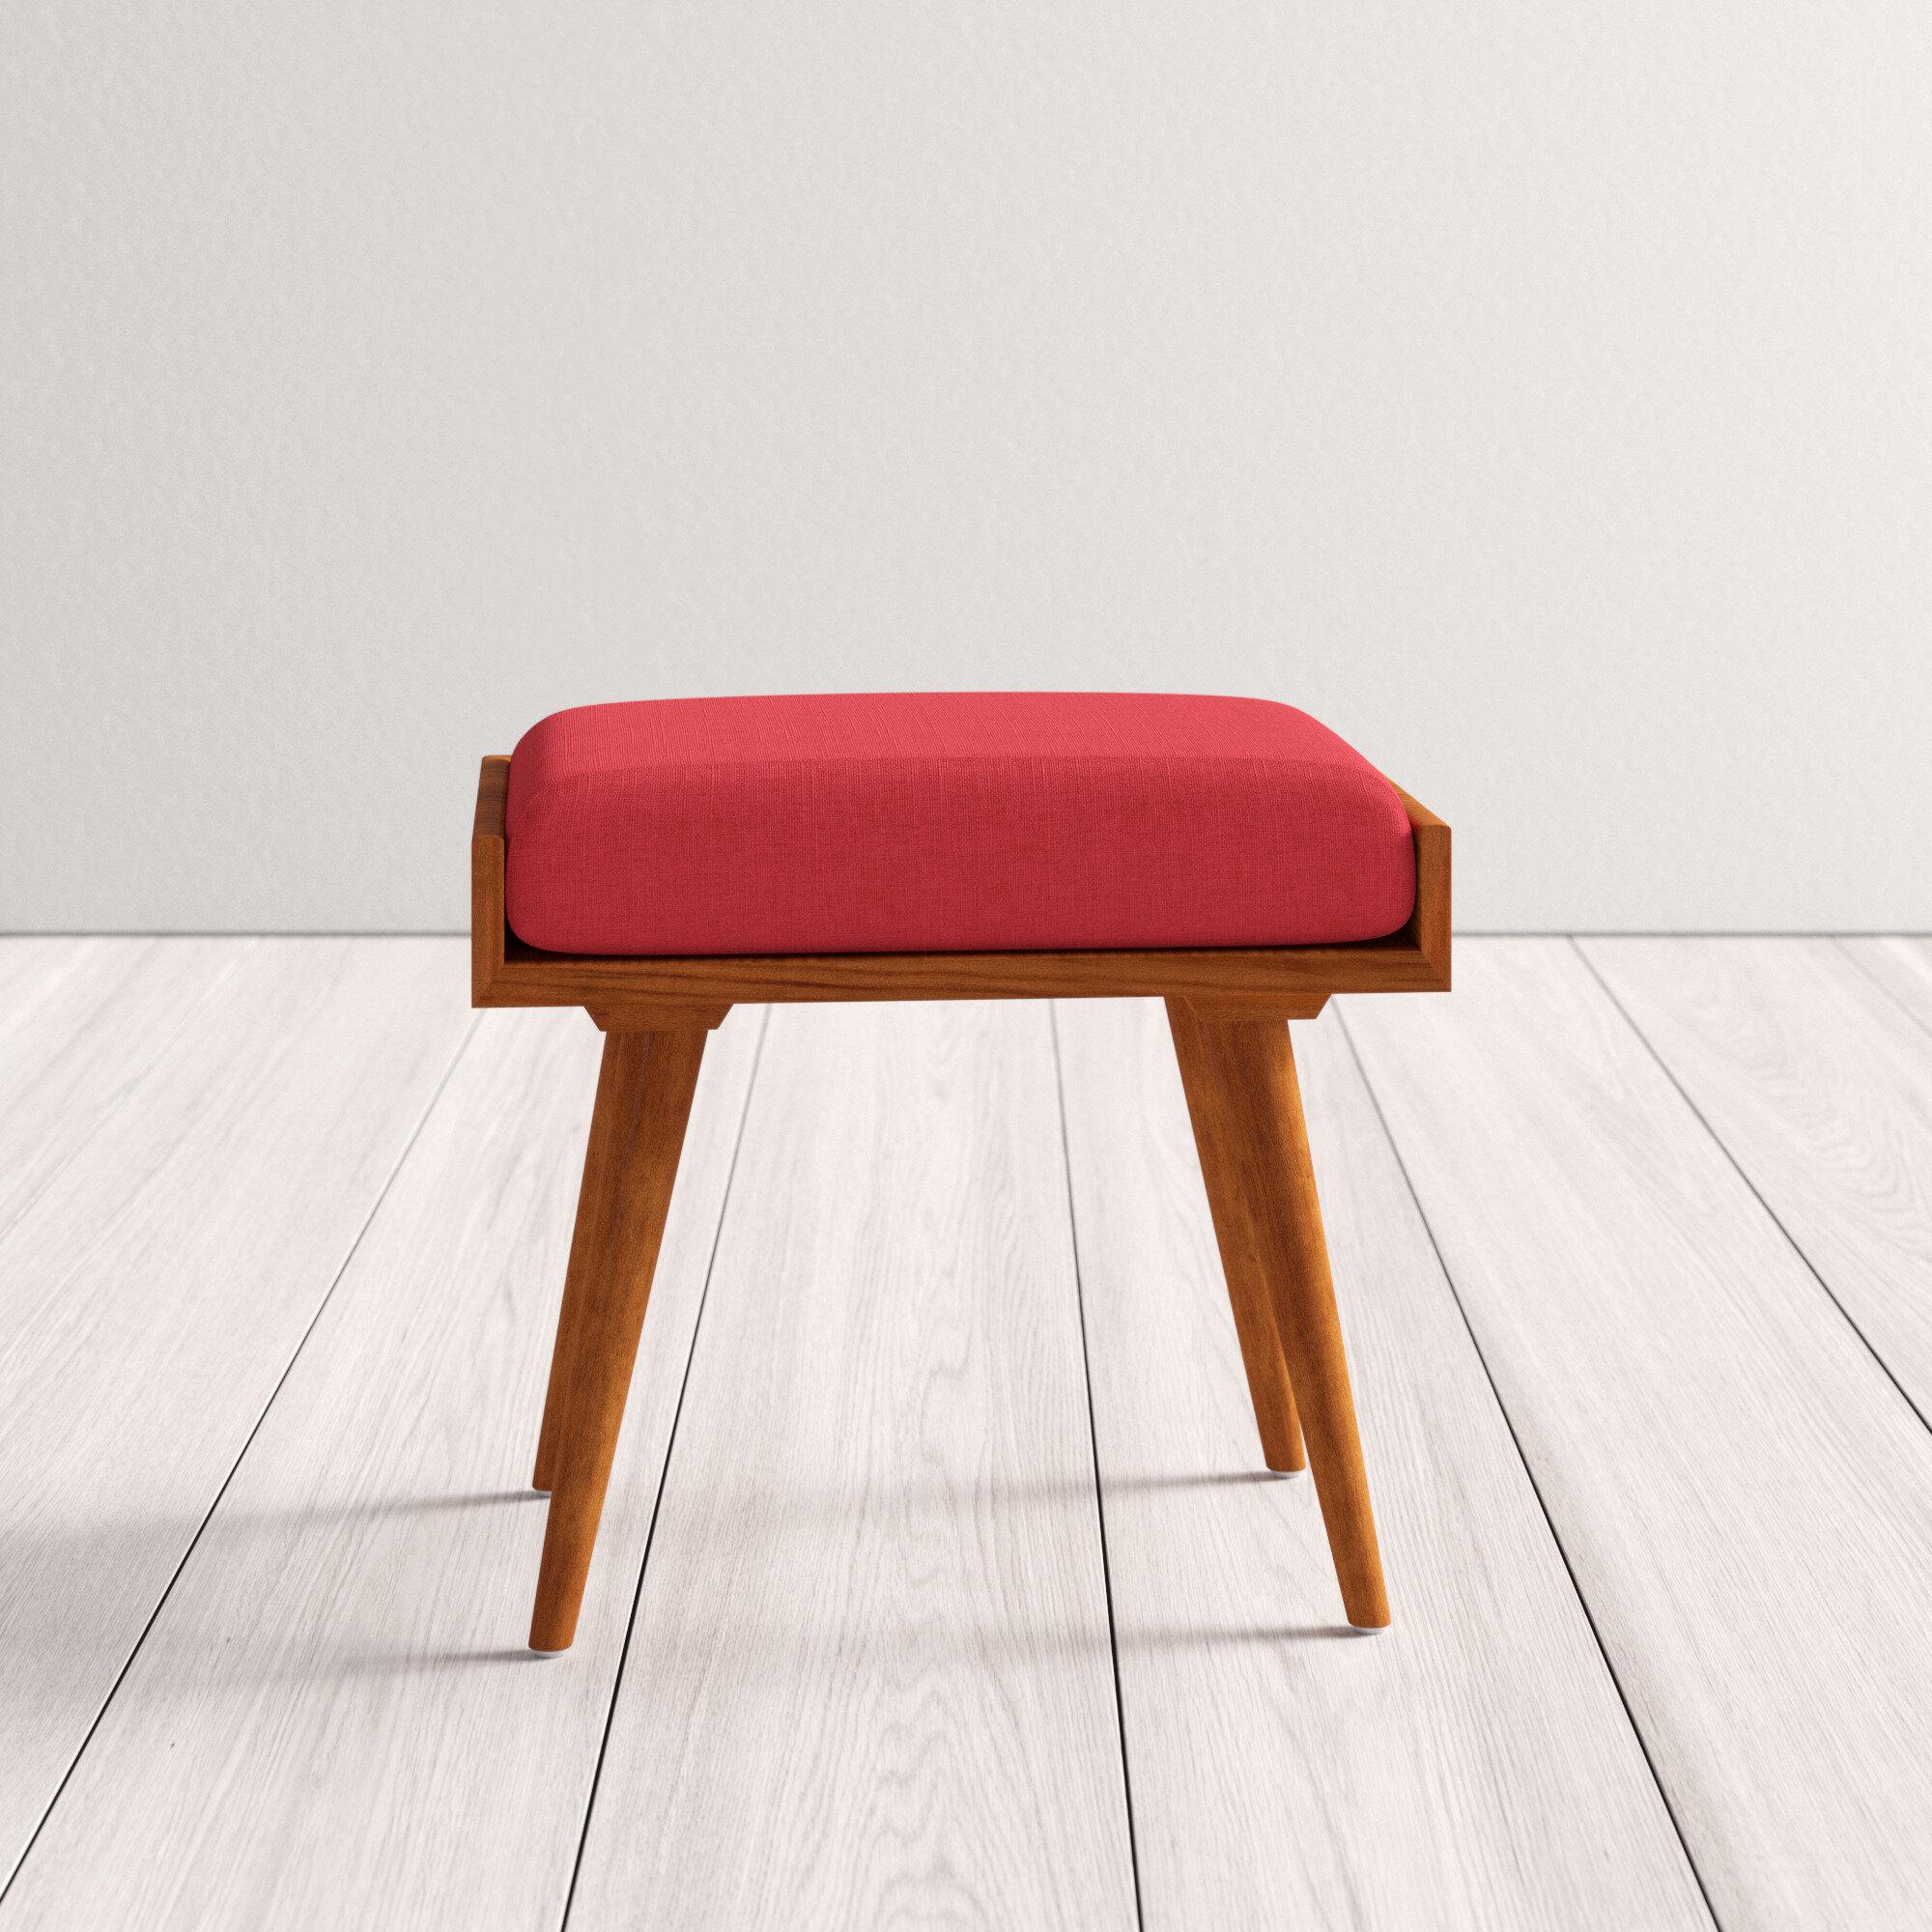 Sumner Solid Wood Vanity Stool Reviews Allmodern